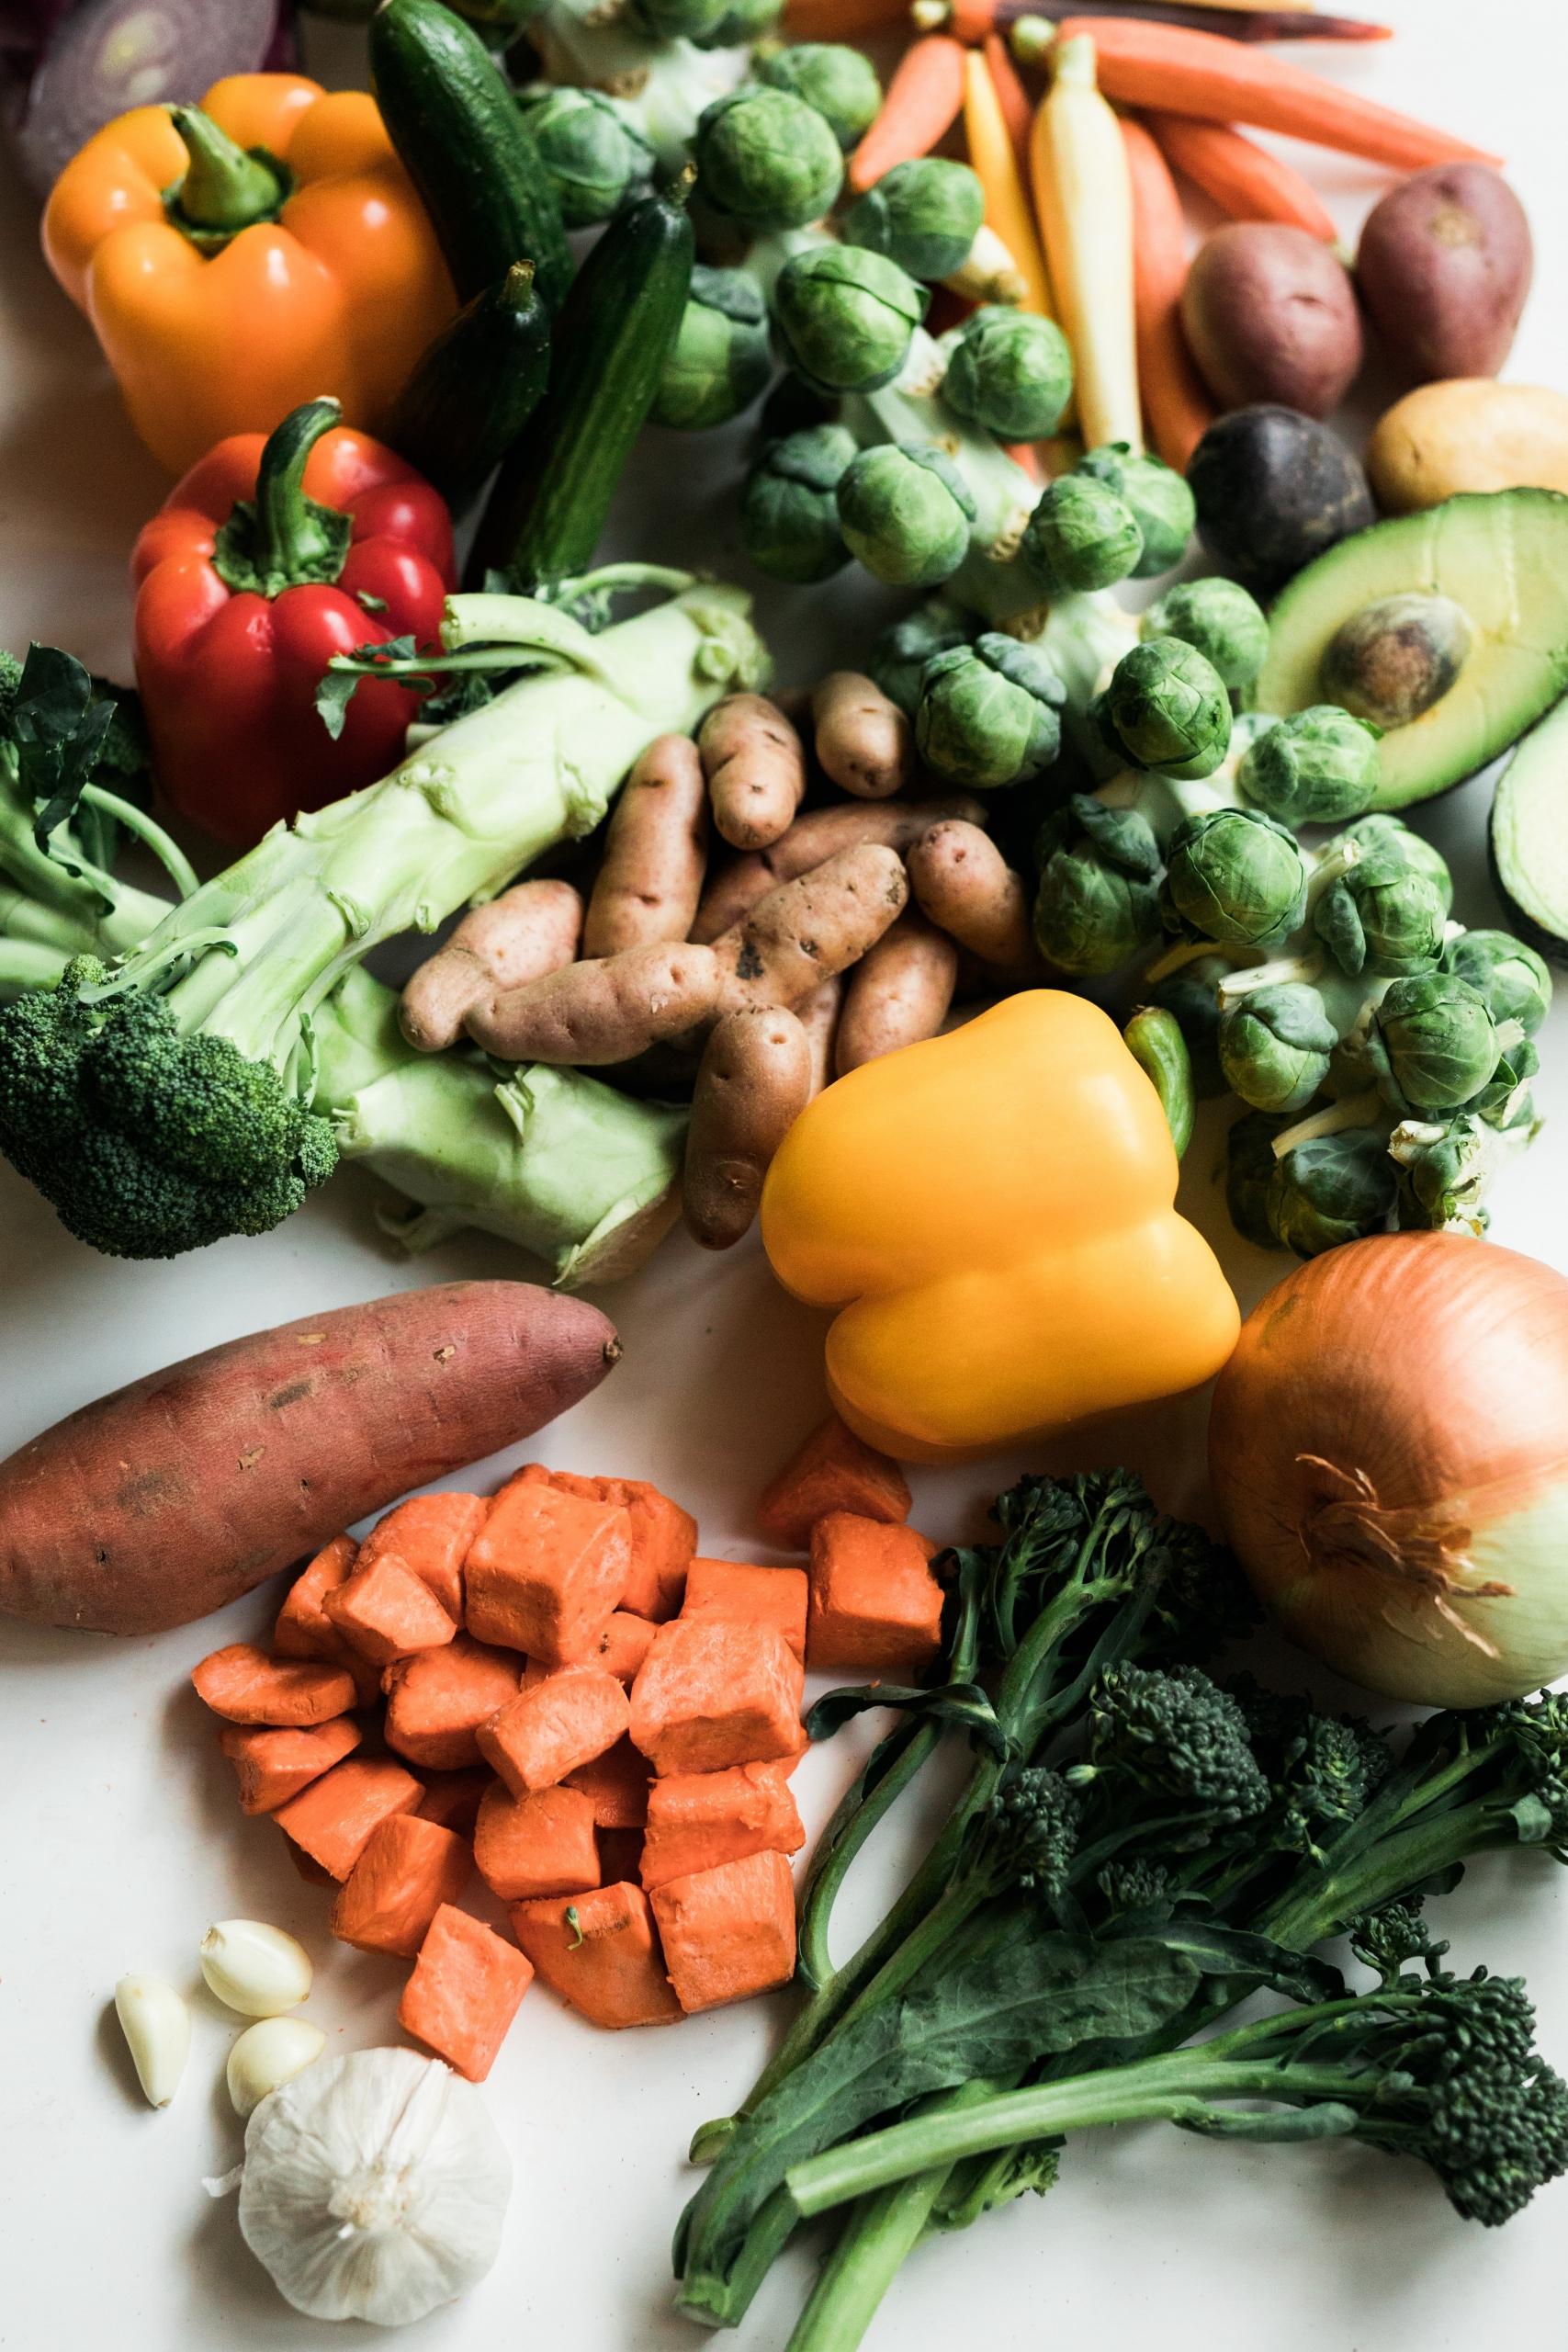 季節の食材でより良い身体作りを!